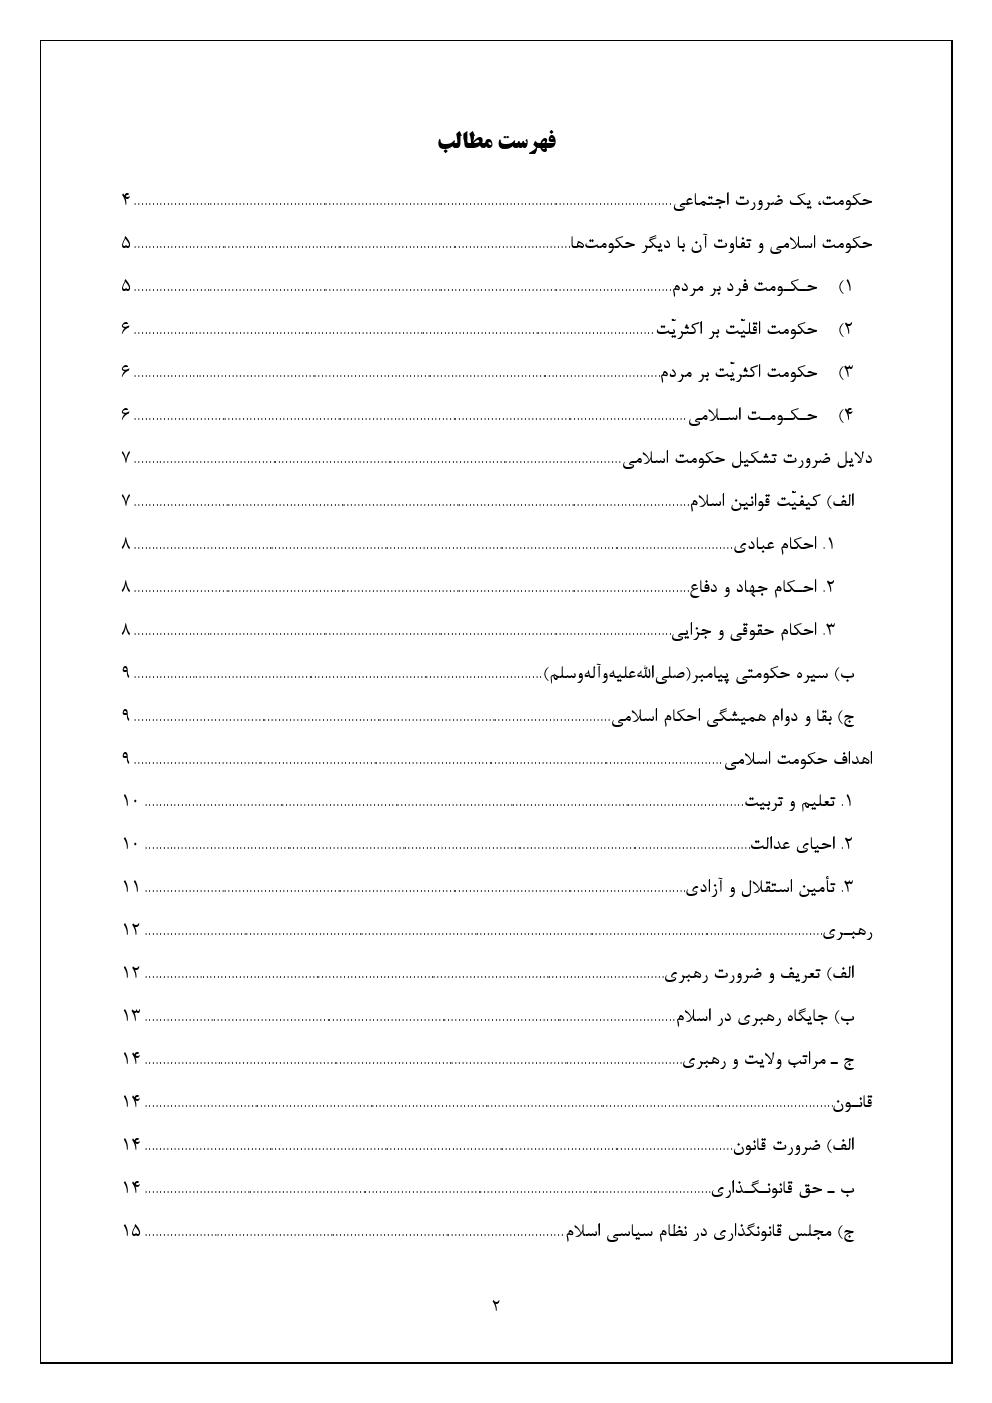 تحقیق درباره حکومت اسلامی